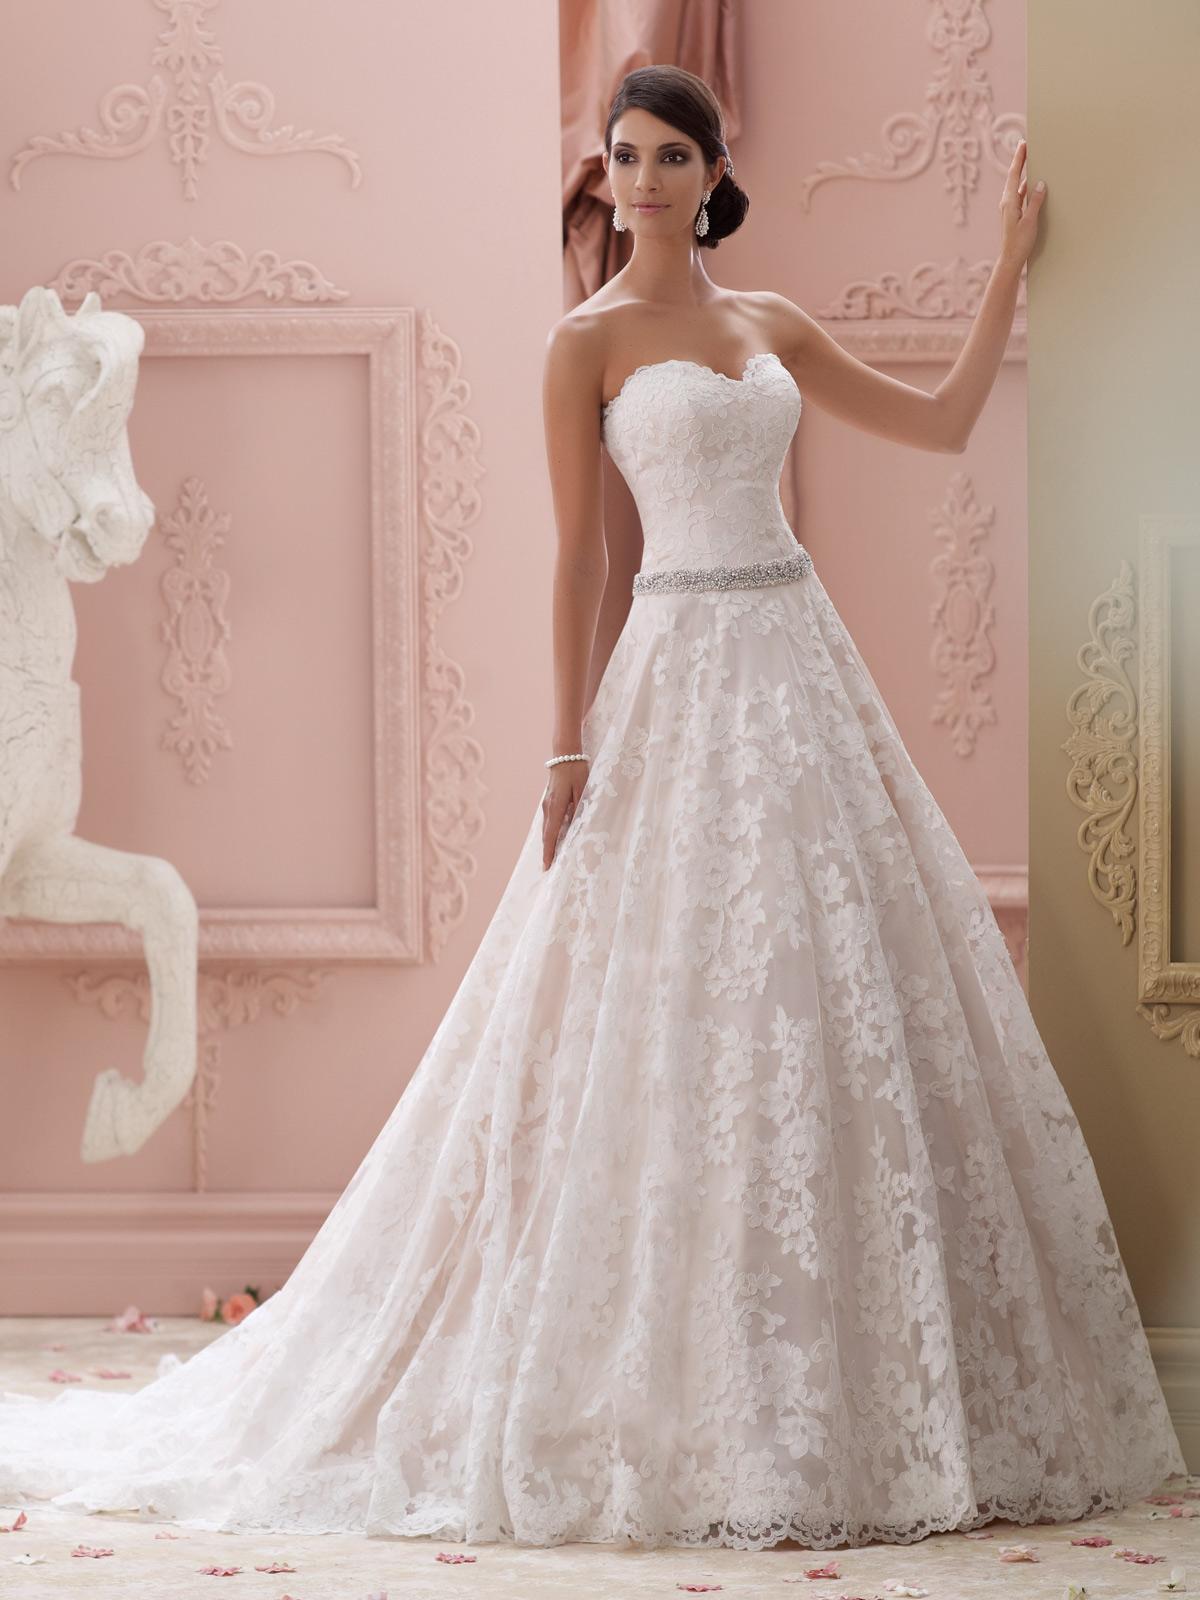 بالصور صور فساتين عرايس , فساتين زفاف راقيه 4623 8